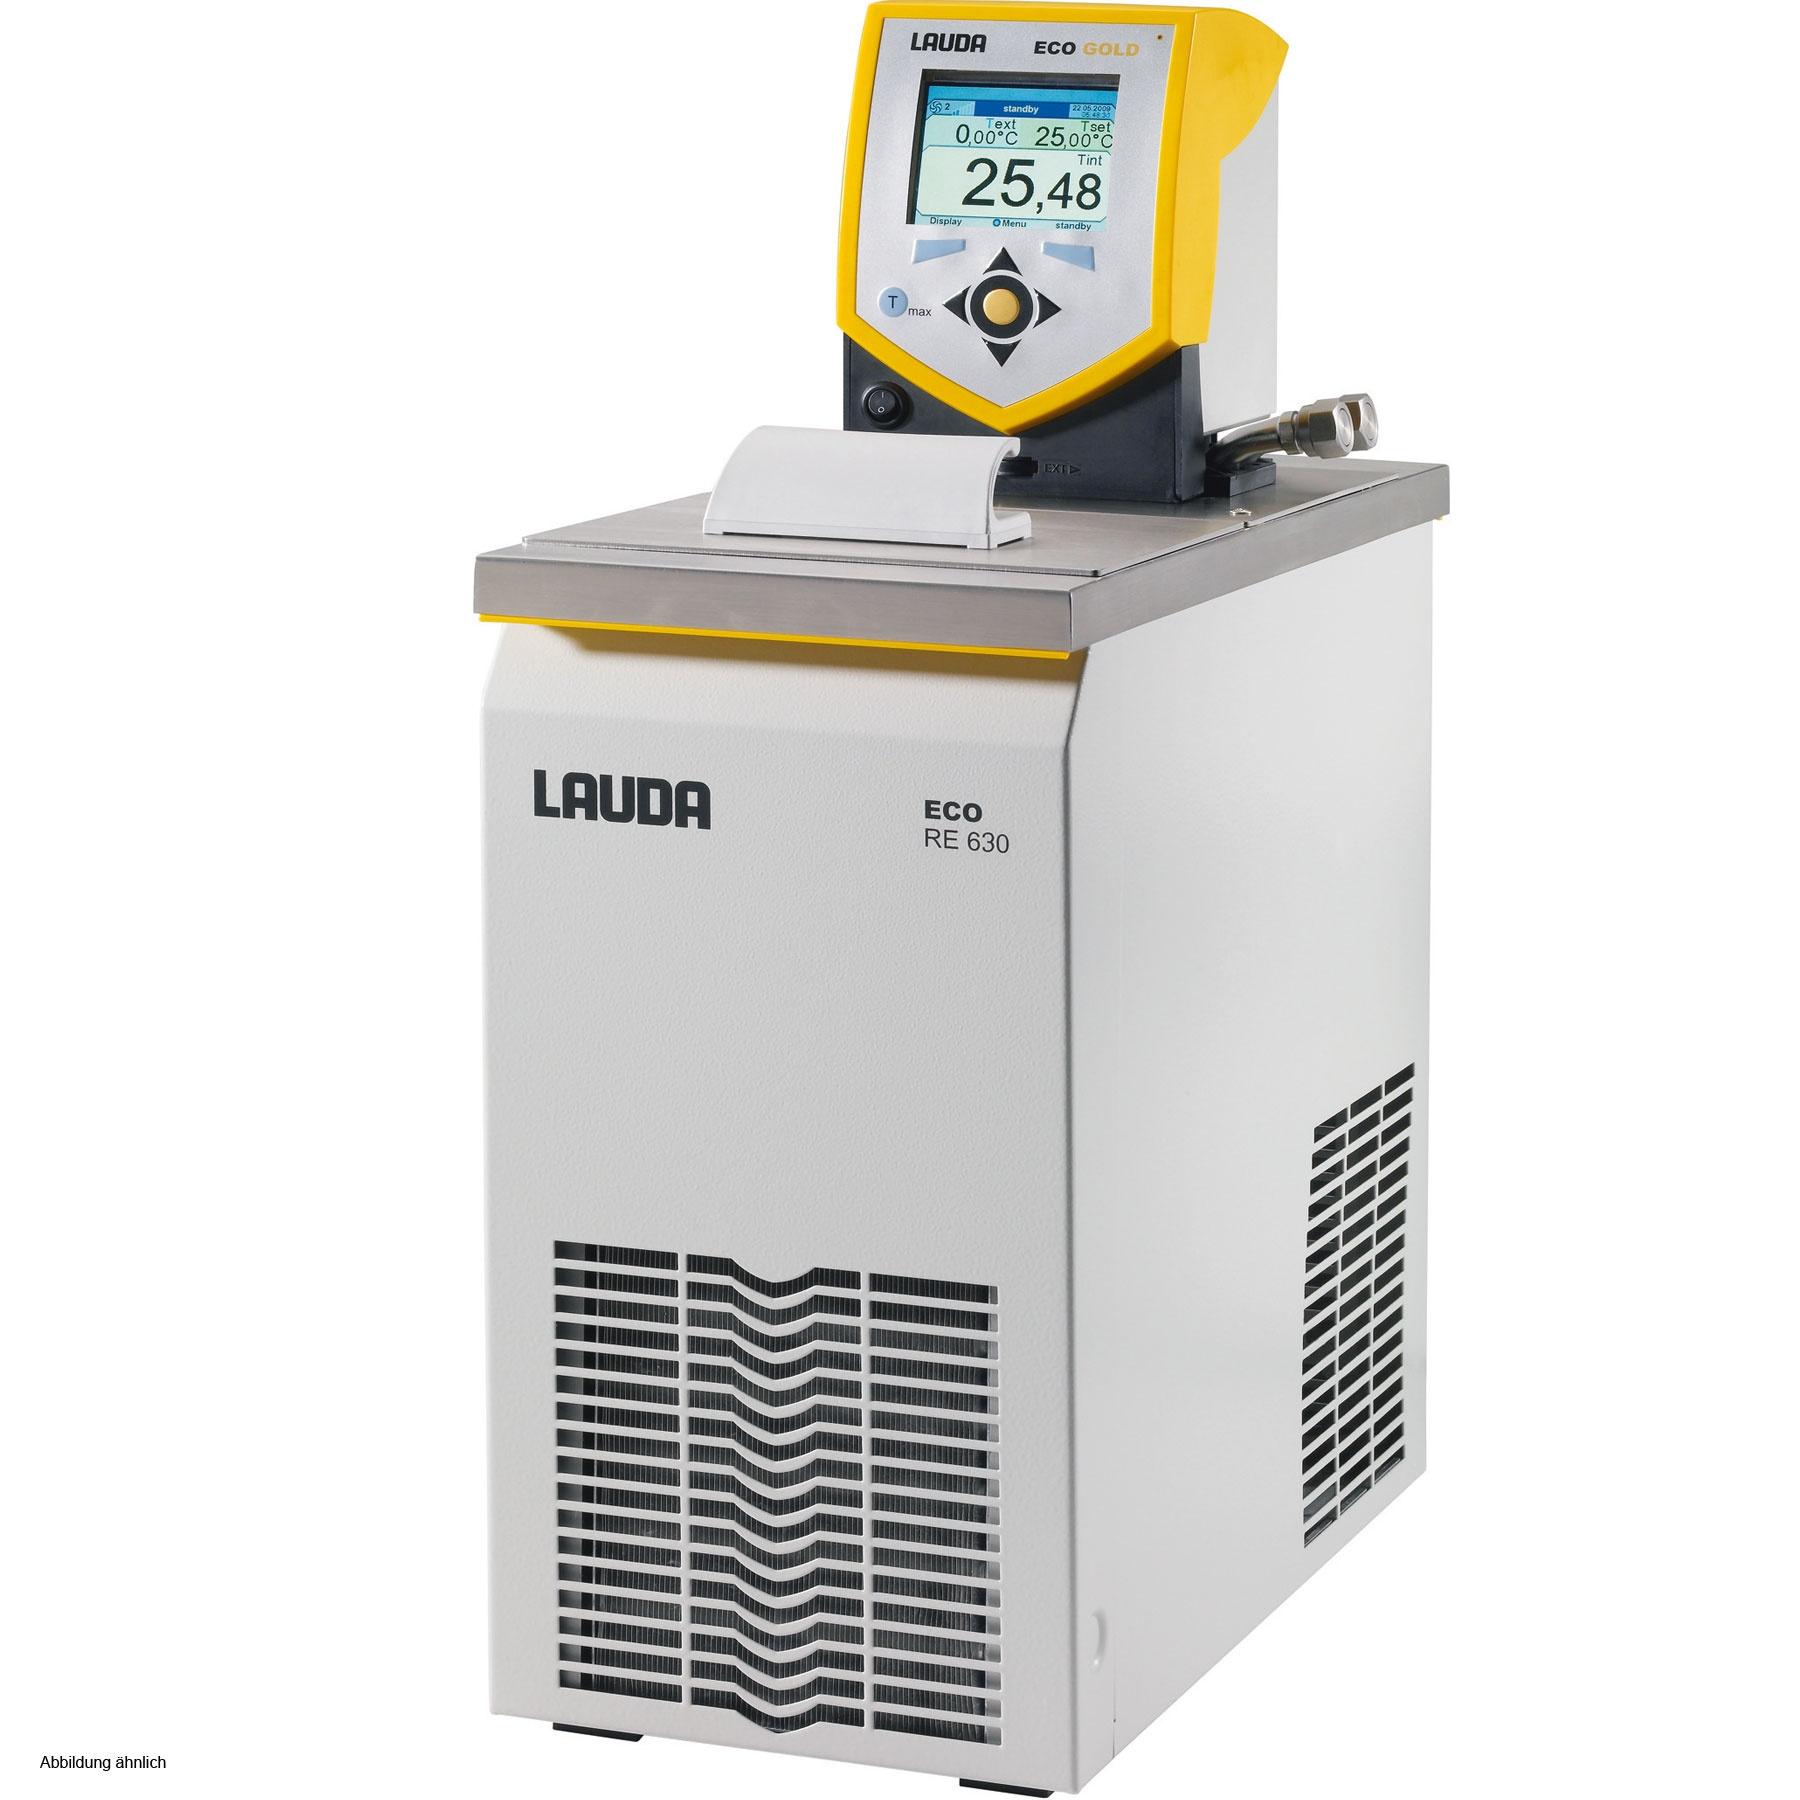 Banho termostático linha Gold - Faixa de trabalho -30 a 200°C - 4,6 a 5,7 litros - LAUDA - Cód. RE630G